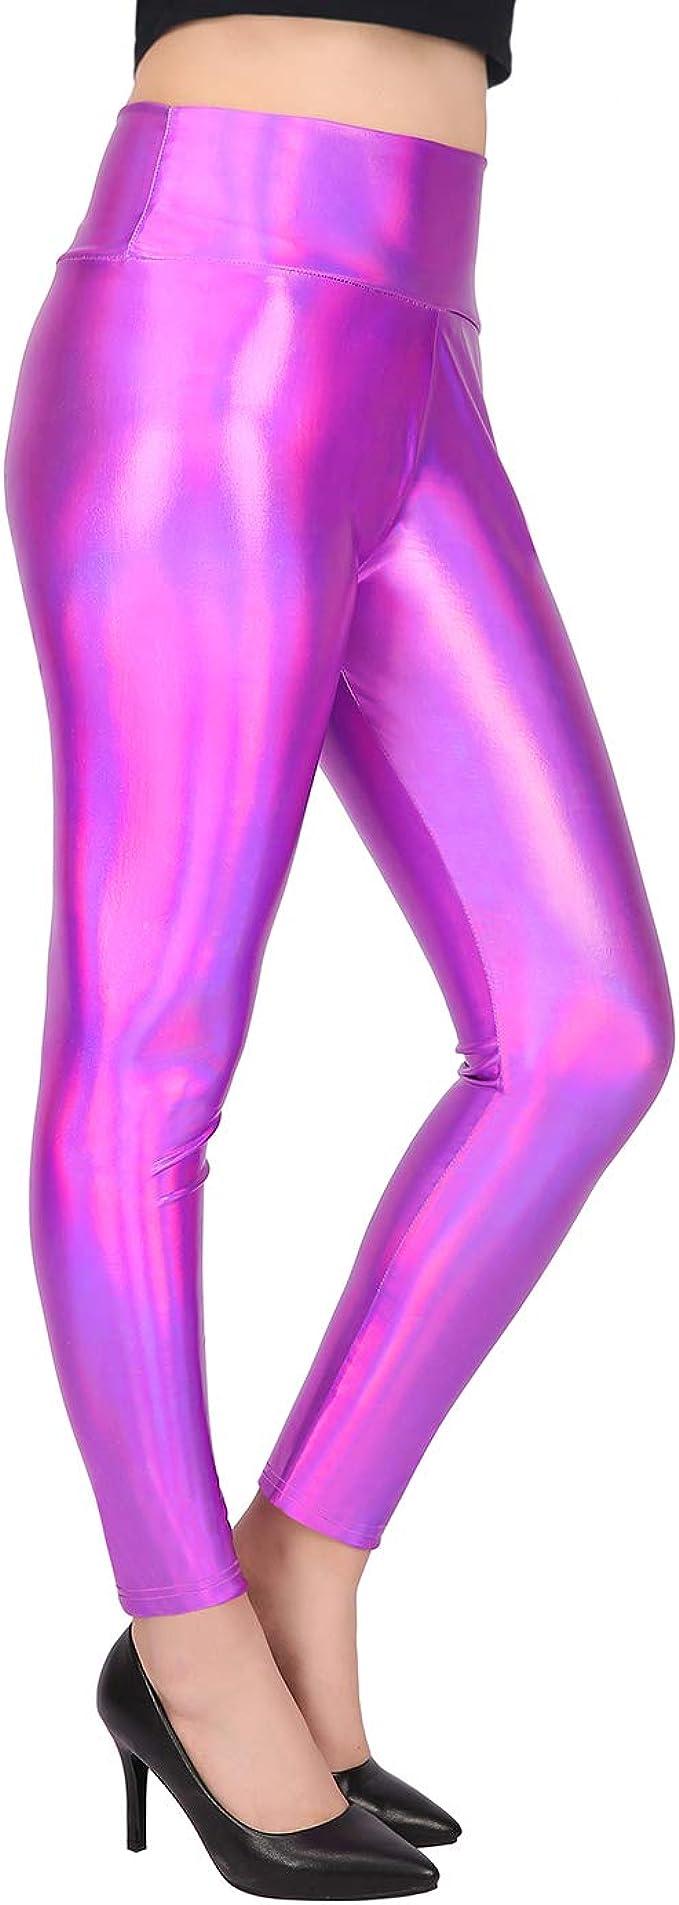 Amazon.com: HDE - Mallas holográficas brillantes para mujer ...